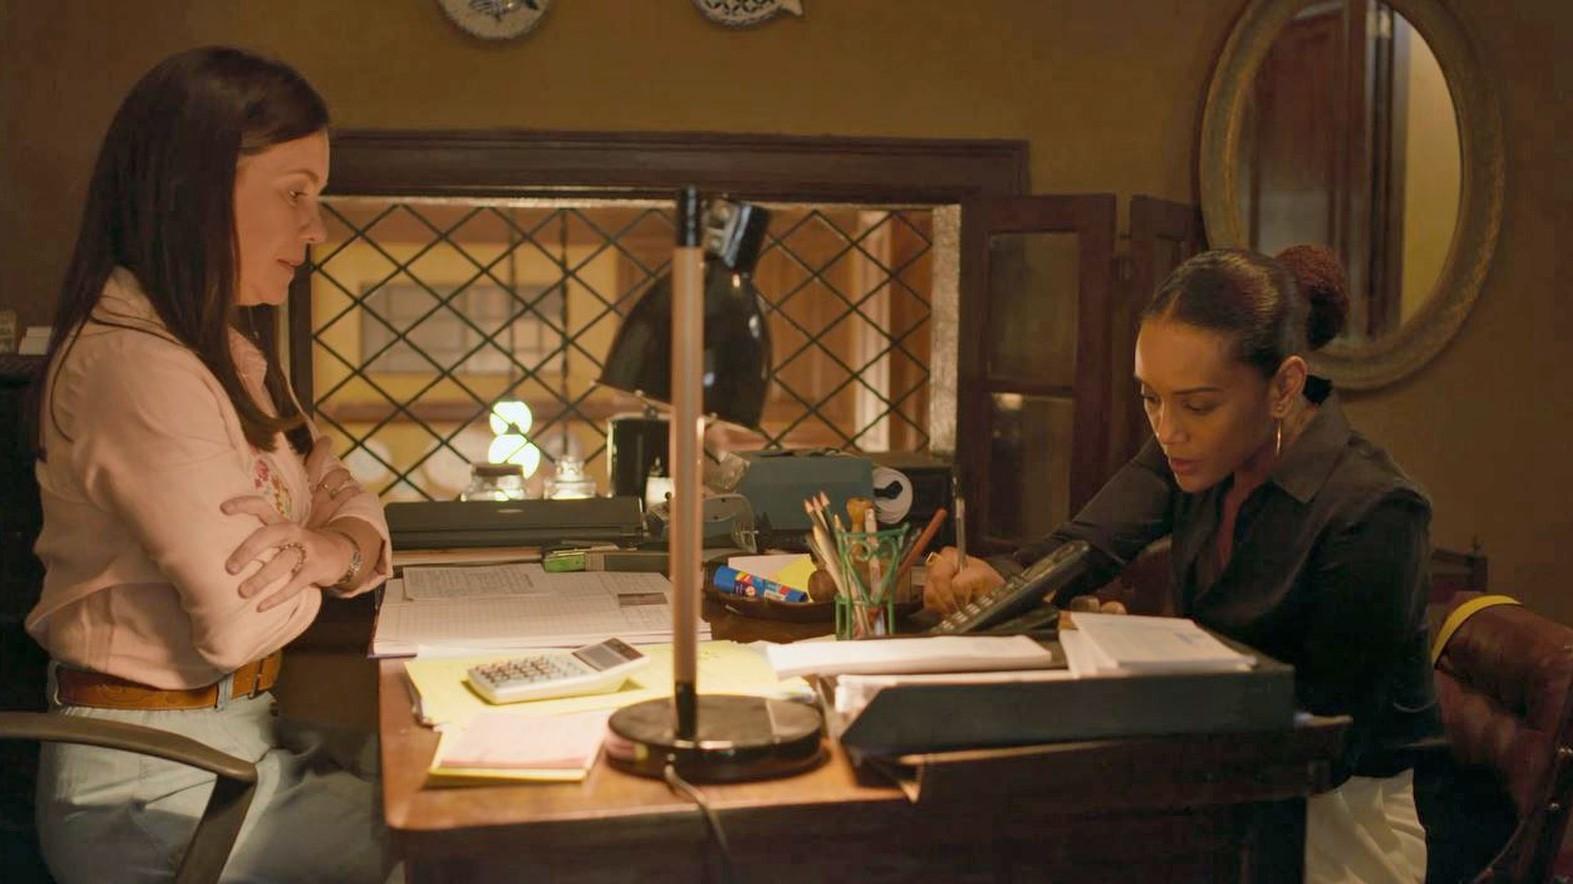 Amor de Mãe Thelma e Vitória discutem sobre venda de imóvel (Imagem: Reprodução: Globo)